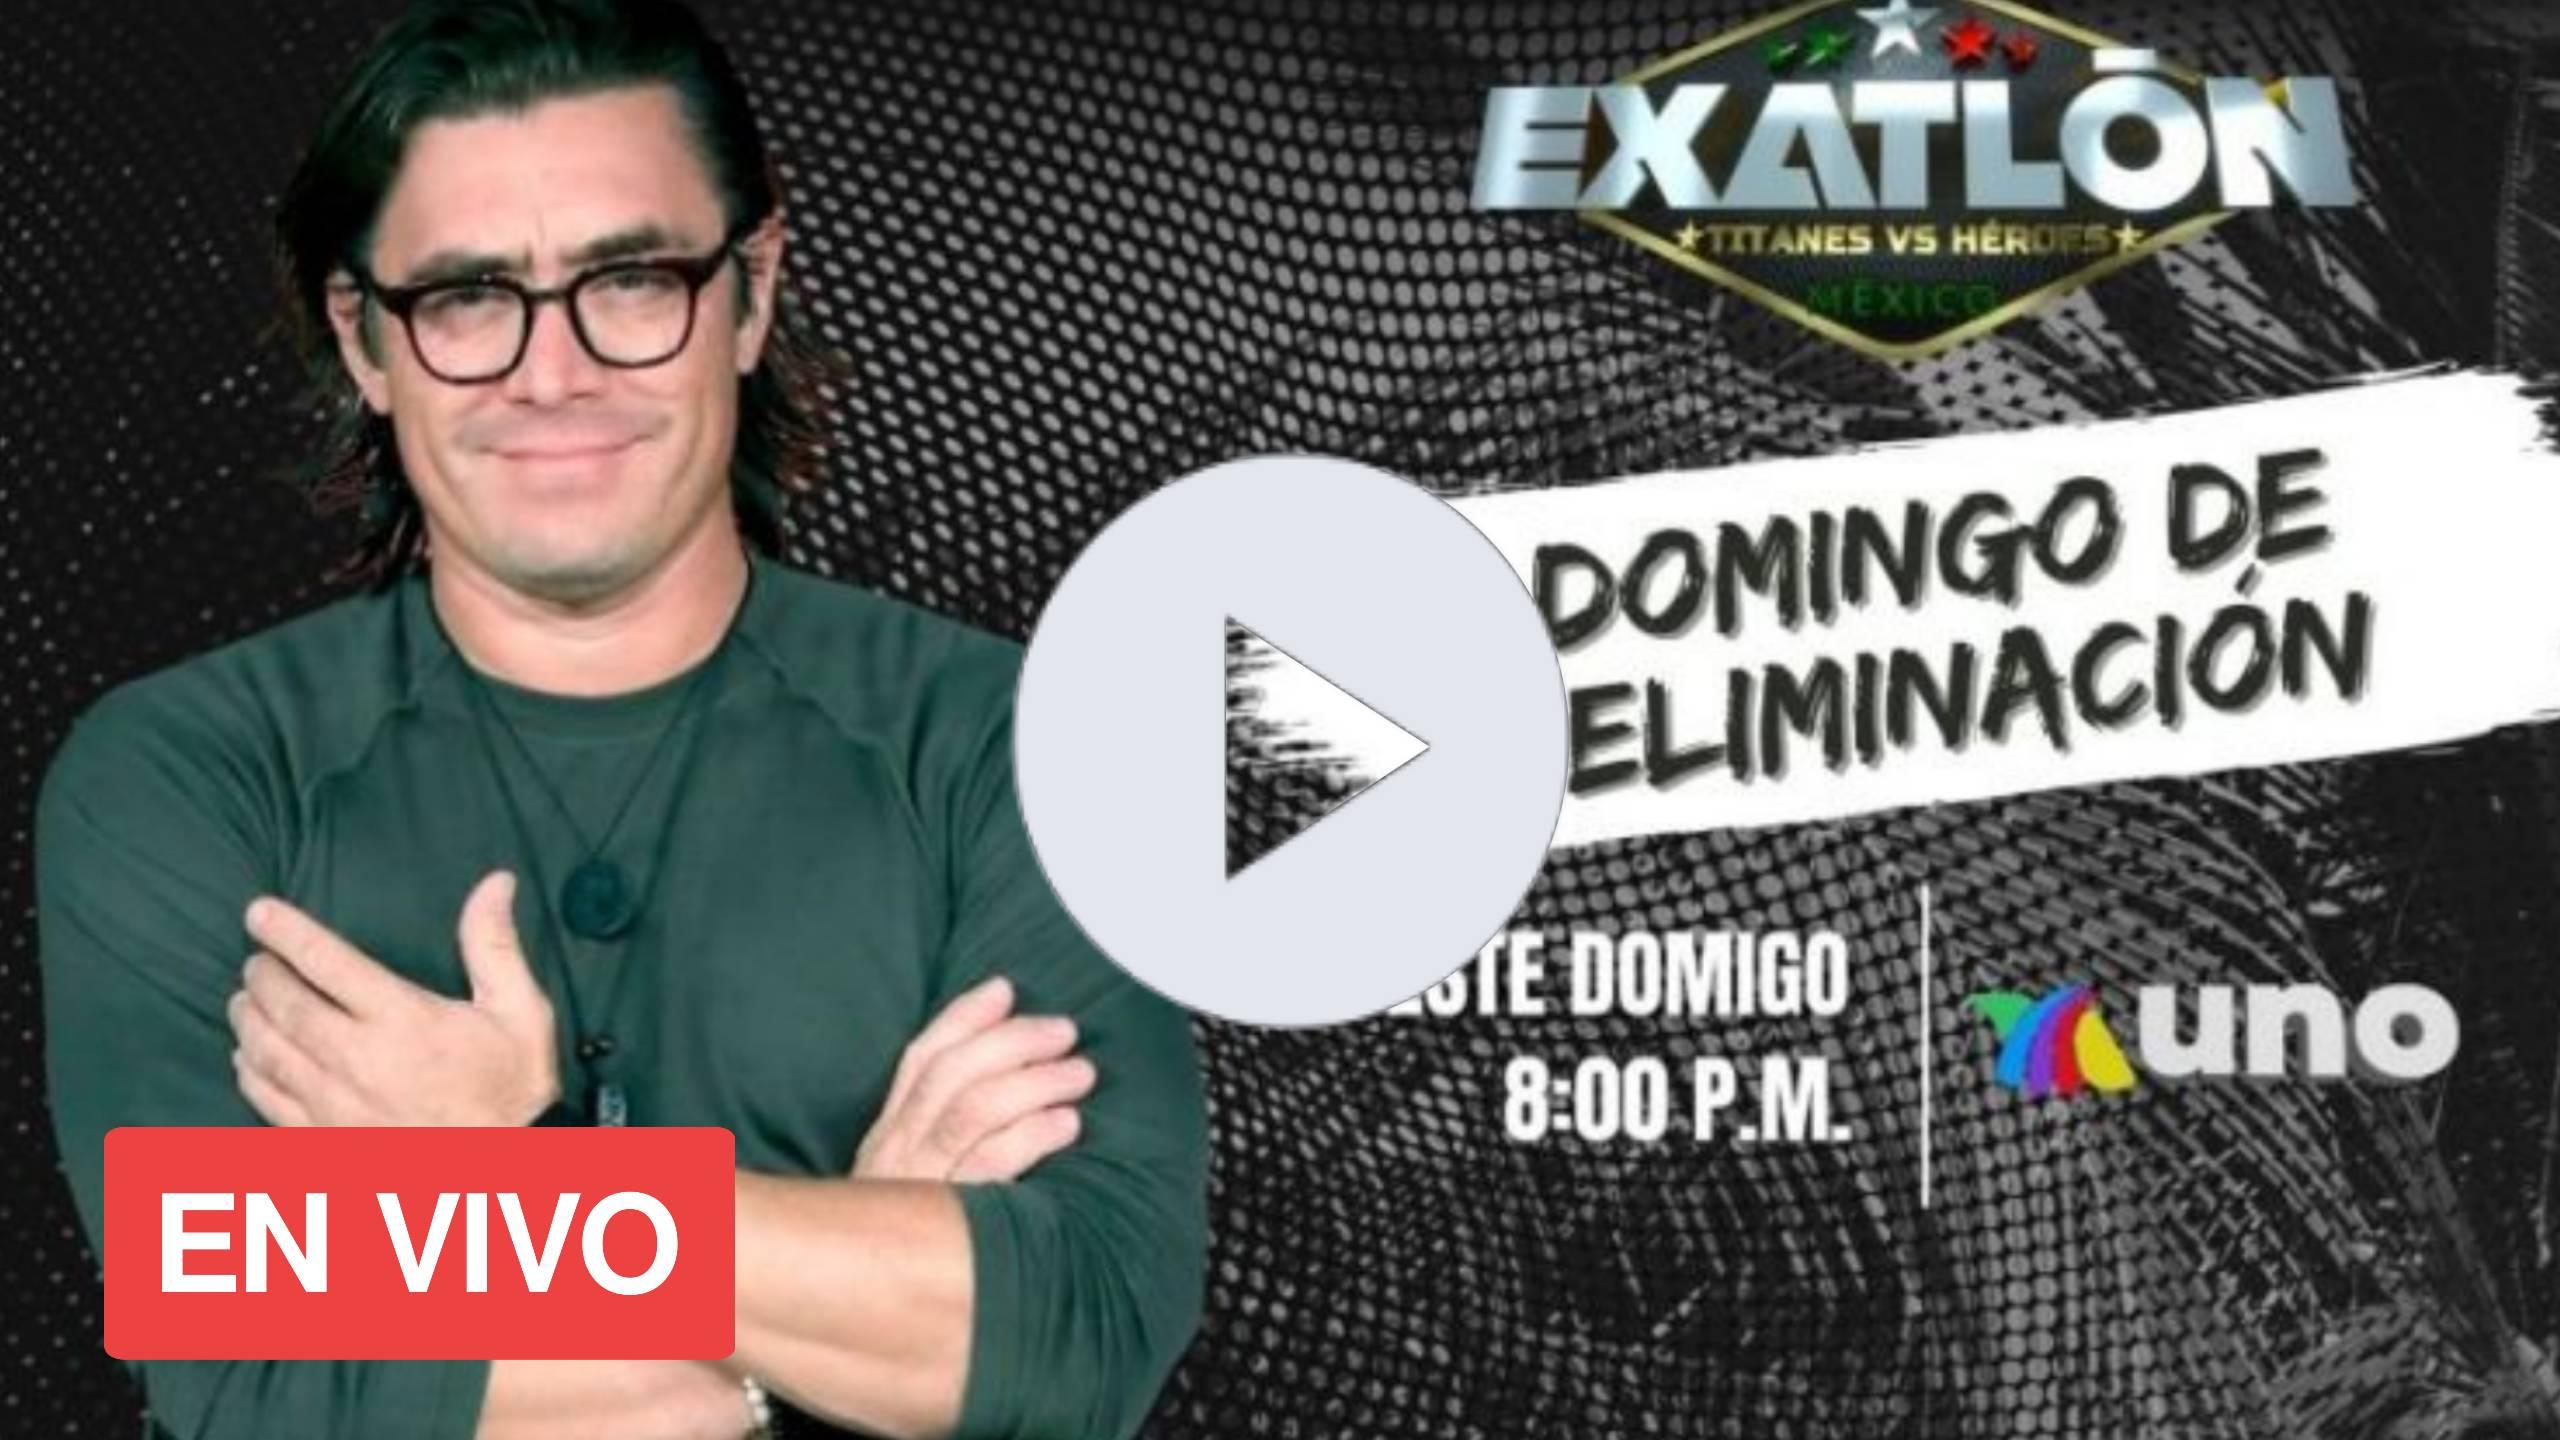 HEROES VS TITANES DOMINGO DE ELIMINACION EXATLON MEXICO 2020